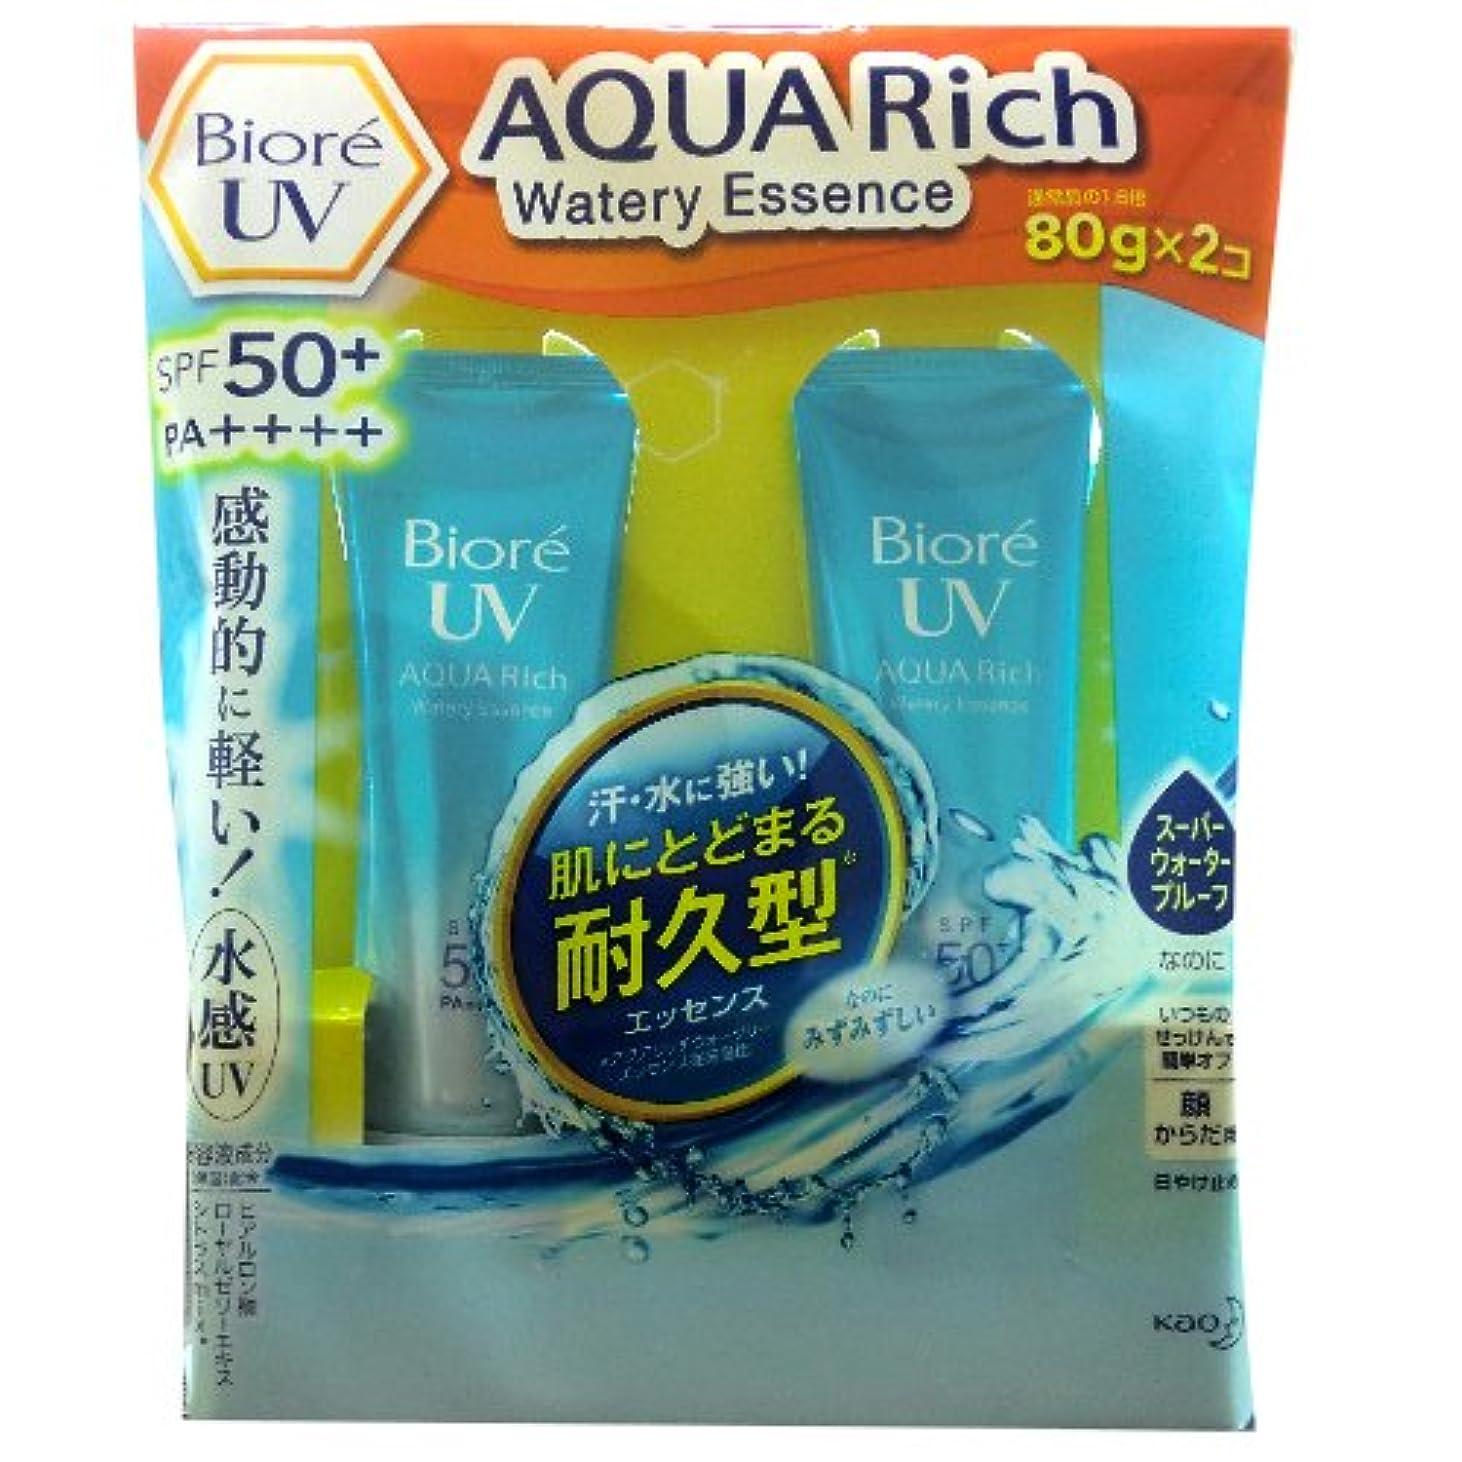 パリティオレンジはねかけるBiore UV AQUA Rich Watery Essence 80g×2コ